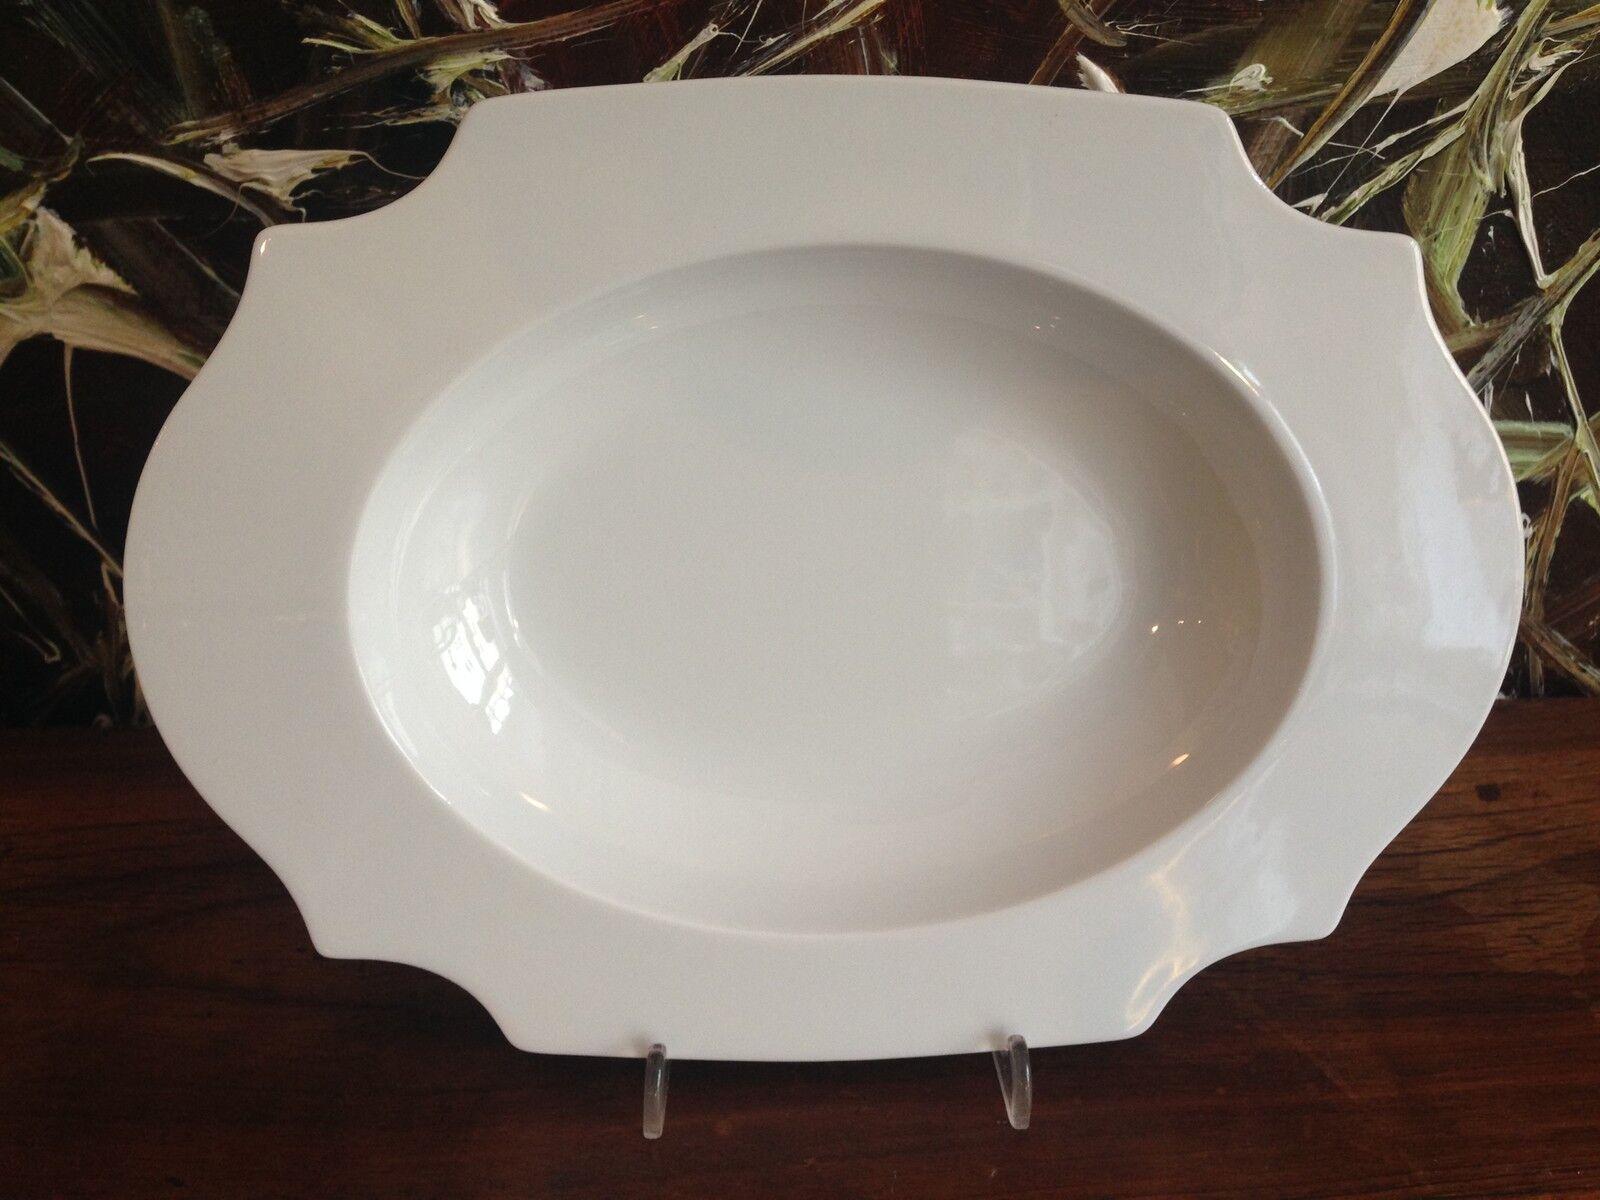 REICHENBACH Taste in weiß  PAOLA NAVONE NAVONE NAVONE  Teller tief oval 27,5cm x 20cm NEU | Schönes Design  f63a0b